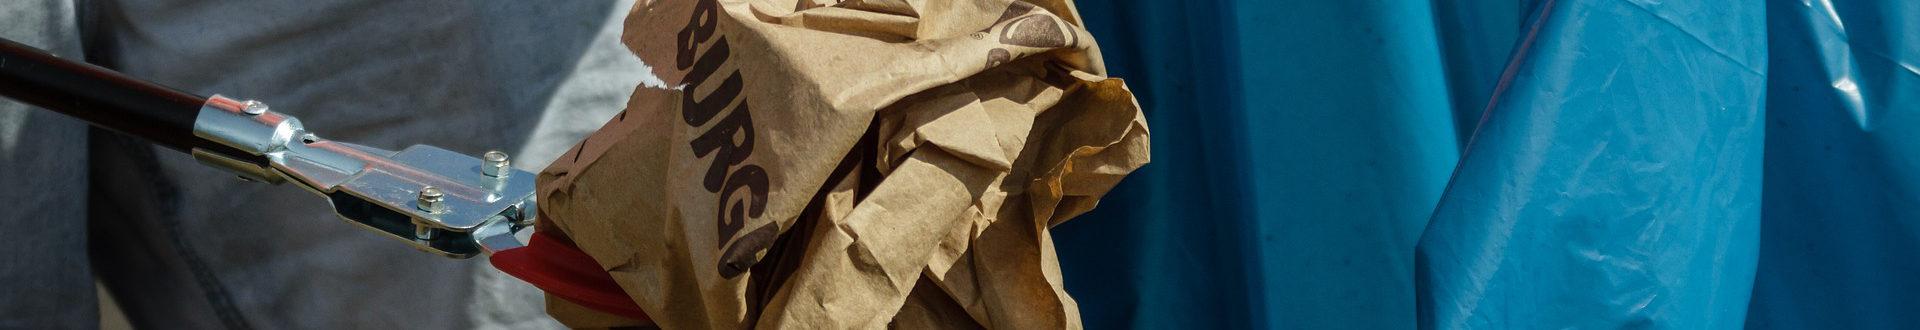 solidarisches grundeinkommen kritik - Kritik am solidarischen Grundeinkommen als ABM